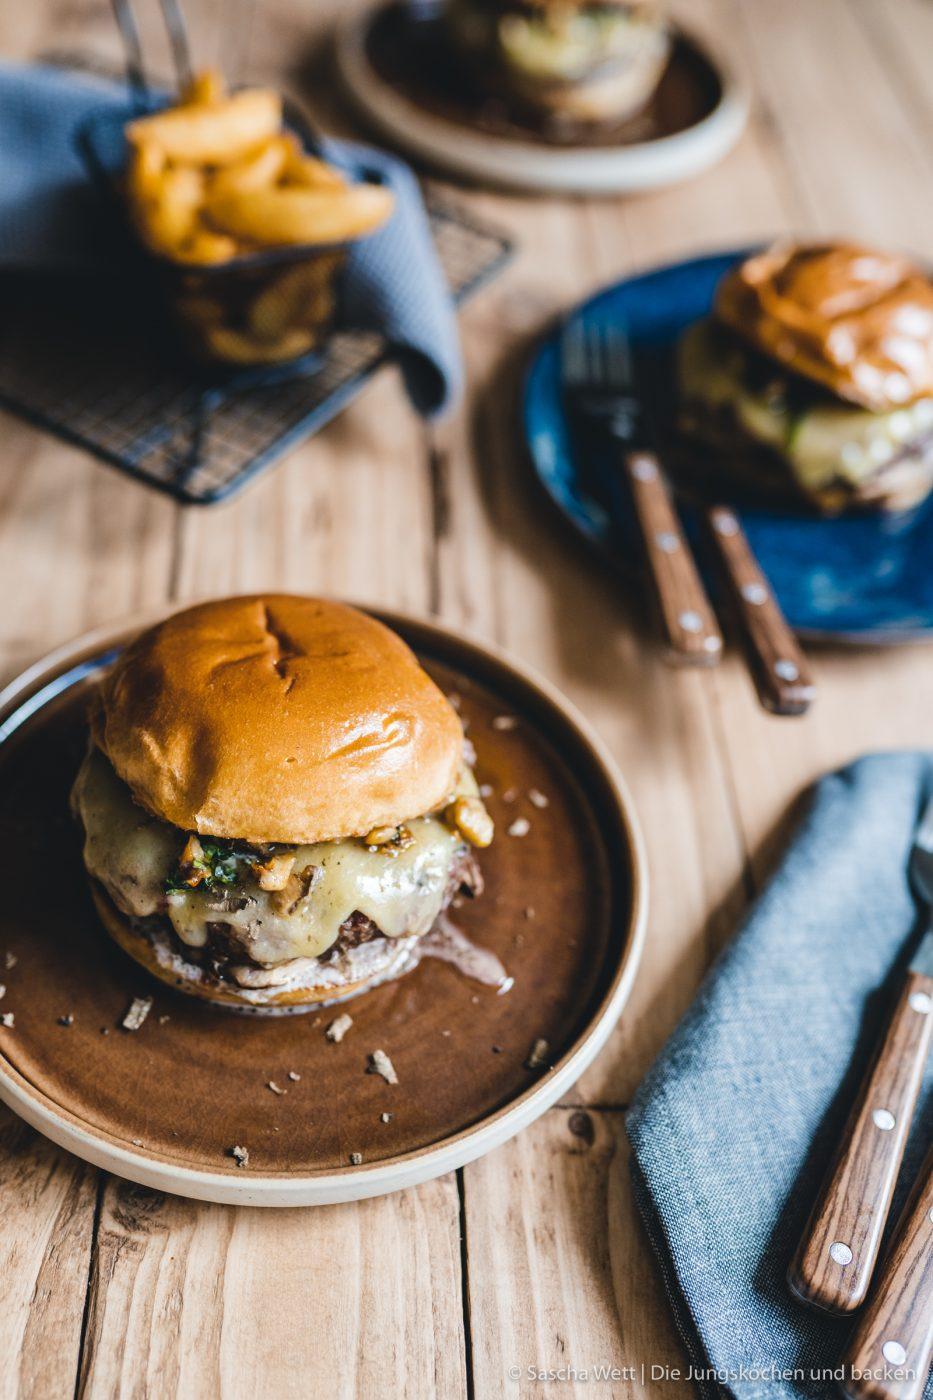 Wildschwein Burger Kerrygold 42 | Heute haben wir eine super leckere Burgerkreation von Torsten mit im Gepäck. Der eine oder andere von euch hat den Burger auch schon vor ein paar Wochen bei Instagram erspäht! Wir waren nämlich mit unserem Partner Kerrygold im schönen München. Dort haben wir aber nicht nur geschlemmt, sondern waren auch fleißig. Wir durften dort mit 50€ bewaffnet über den Viktualienmarkt flitzen und haben unseren ganz persönlichen Burger kreiiert. Torsten hat mit seinem Wildschwein-Chesseburger den zweiten Platz gemacht und daher wollen wir ihn euch nicht vorenthalten.